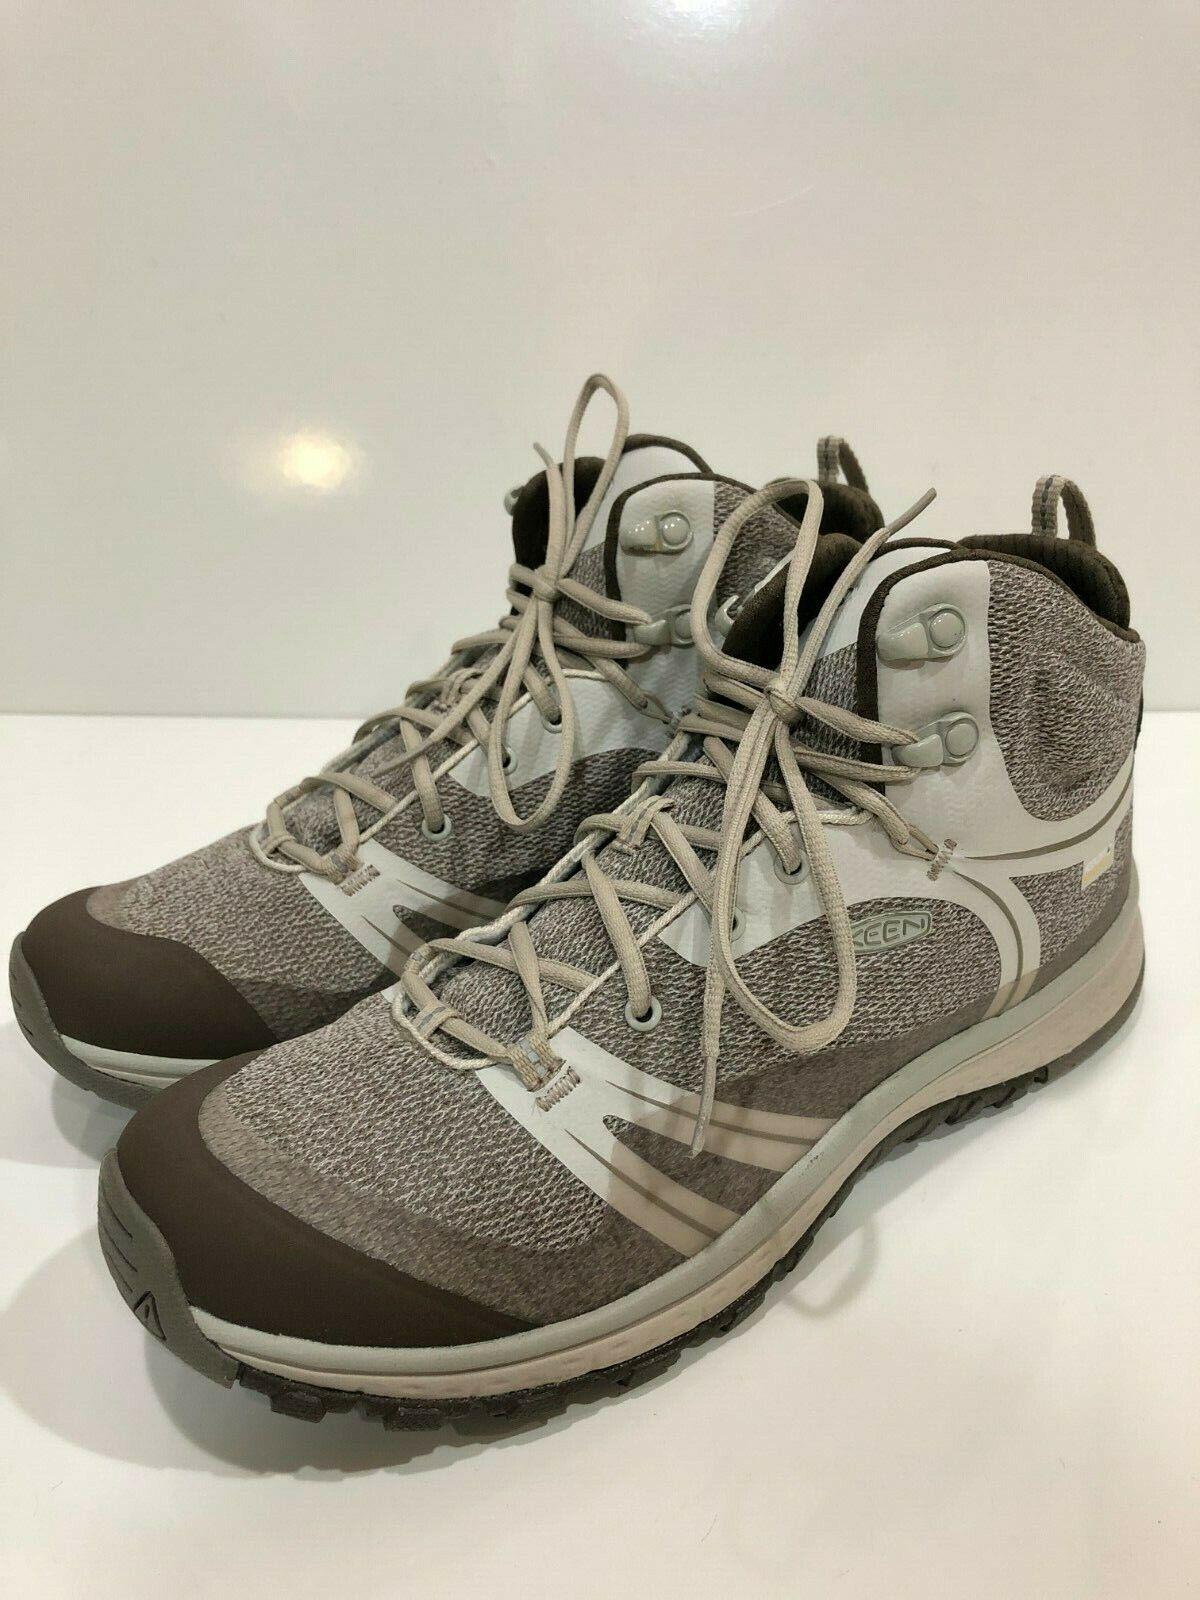 Keen Terradora Mid Women's Hiking Waterproof shoes Size 11 M